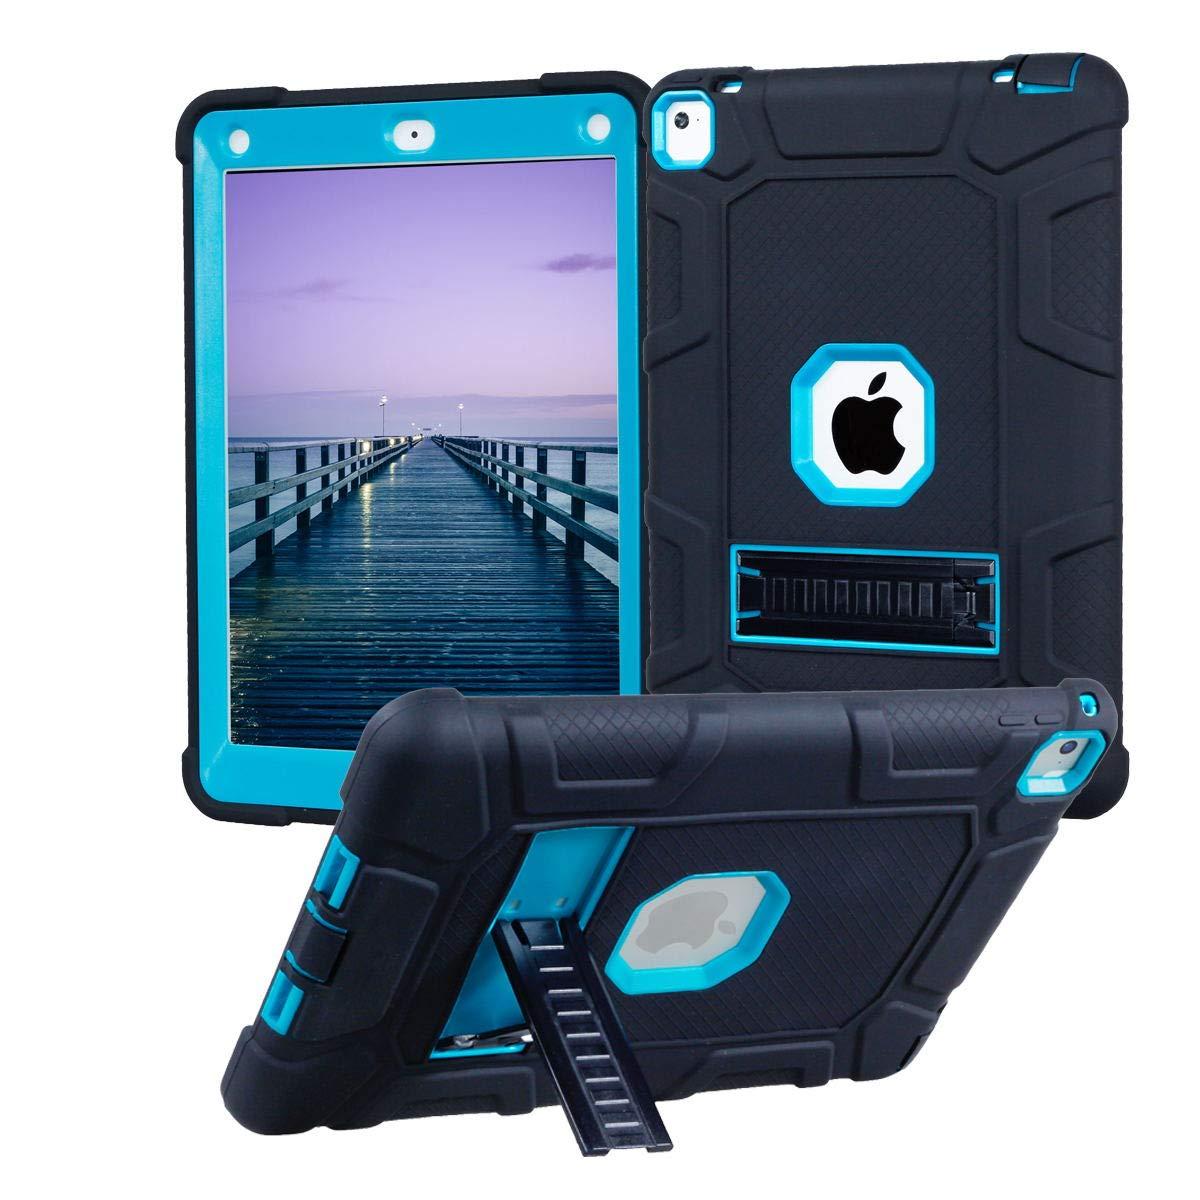 買取り実績  Kickstand iPad Pro B07KW9M6YG 9.7ケース 2016年発売 高耐久 Pro 耐衝撃 ハイブリッド フルボディ 頑丈 3層 ハード PC ソフトラバー 保護カバー iPad Pro 9.7インチ タブレット 2016年発売 ブラック/ブルー B07KW9M6YG, L-スタイル:d2b1bf39 --- a0267596.xsph.ru